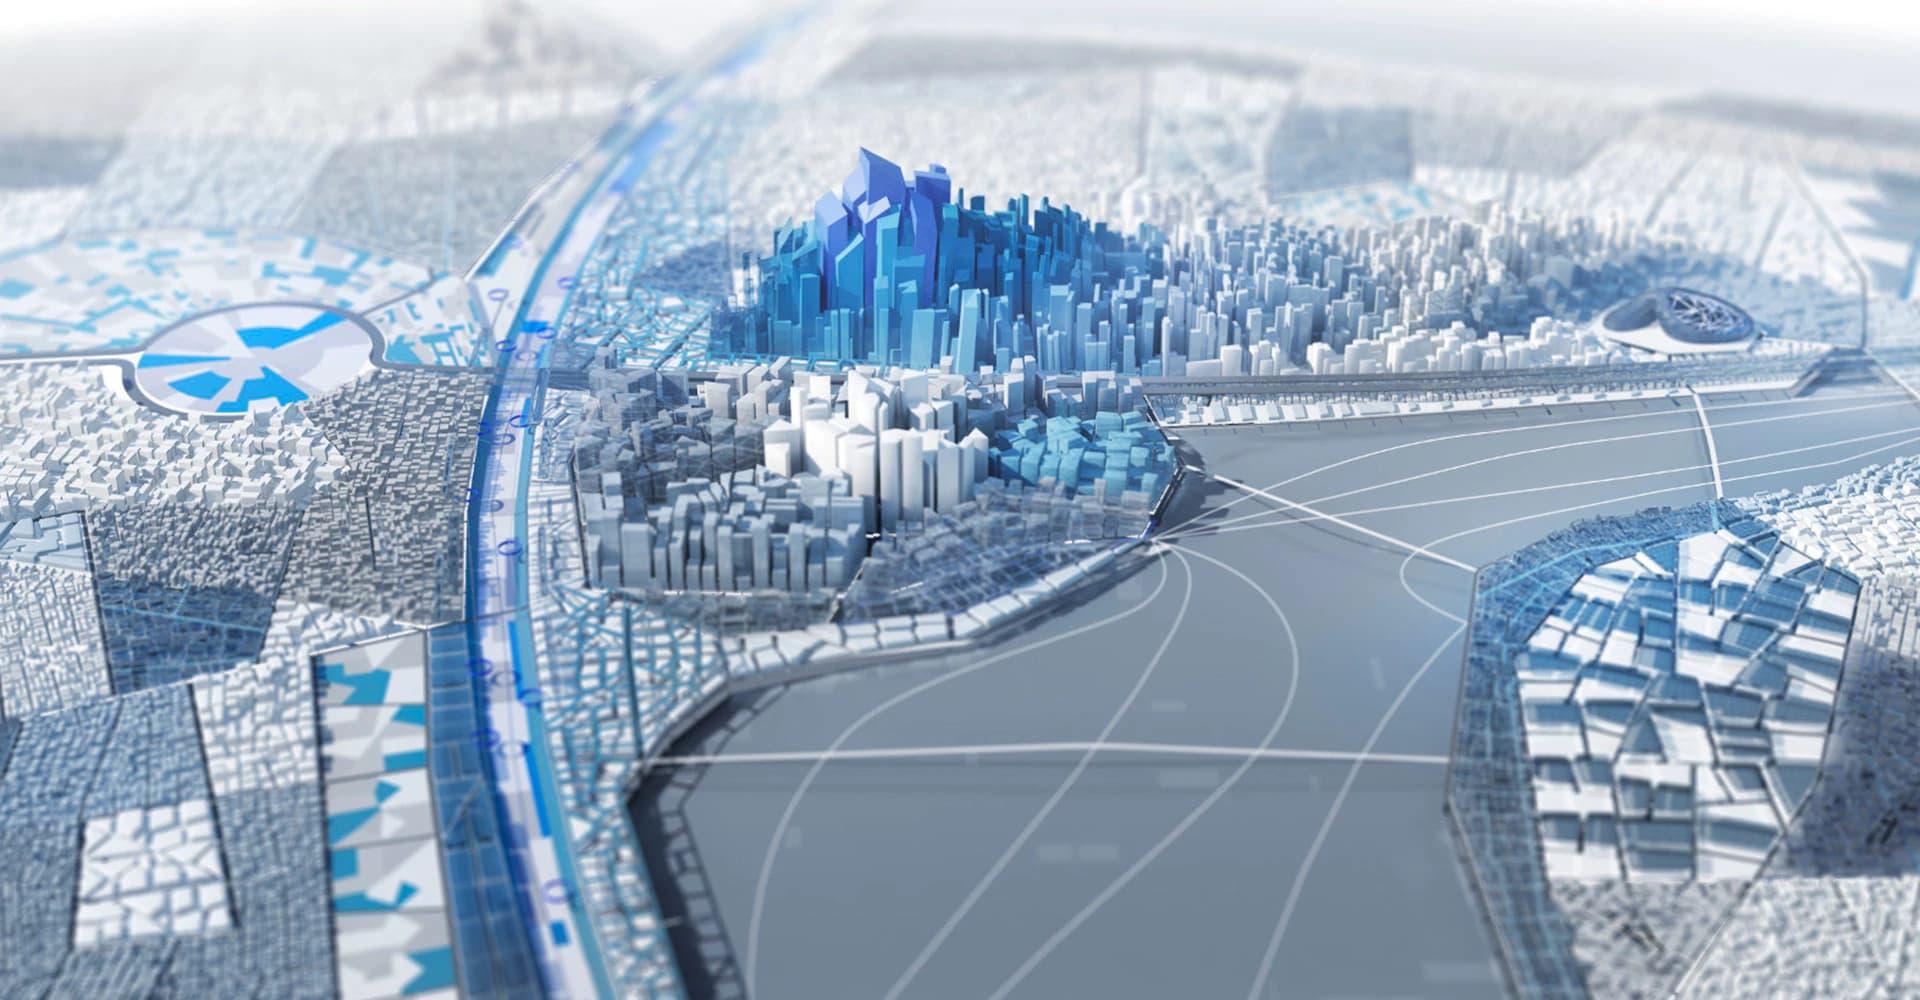 visualização de cidade em AEC